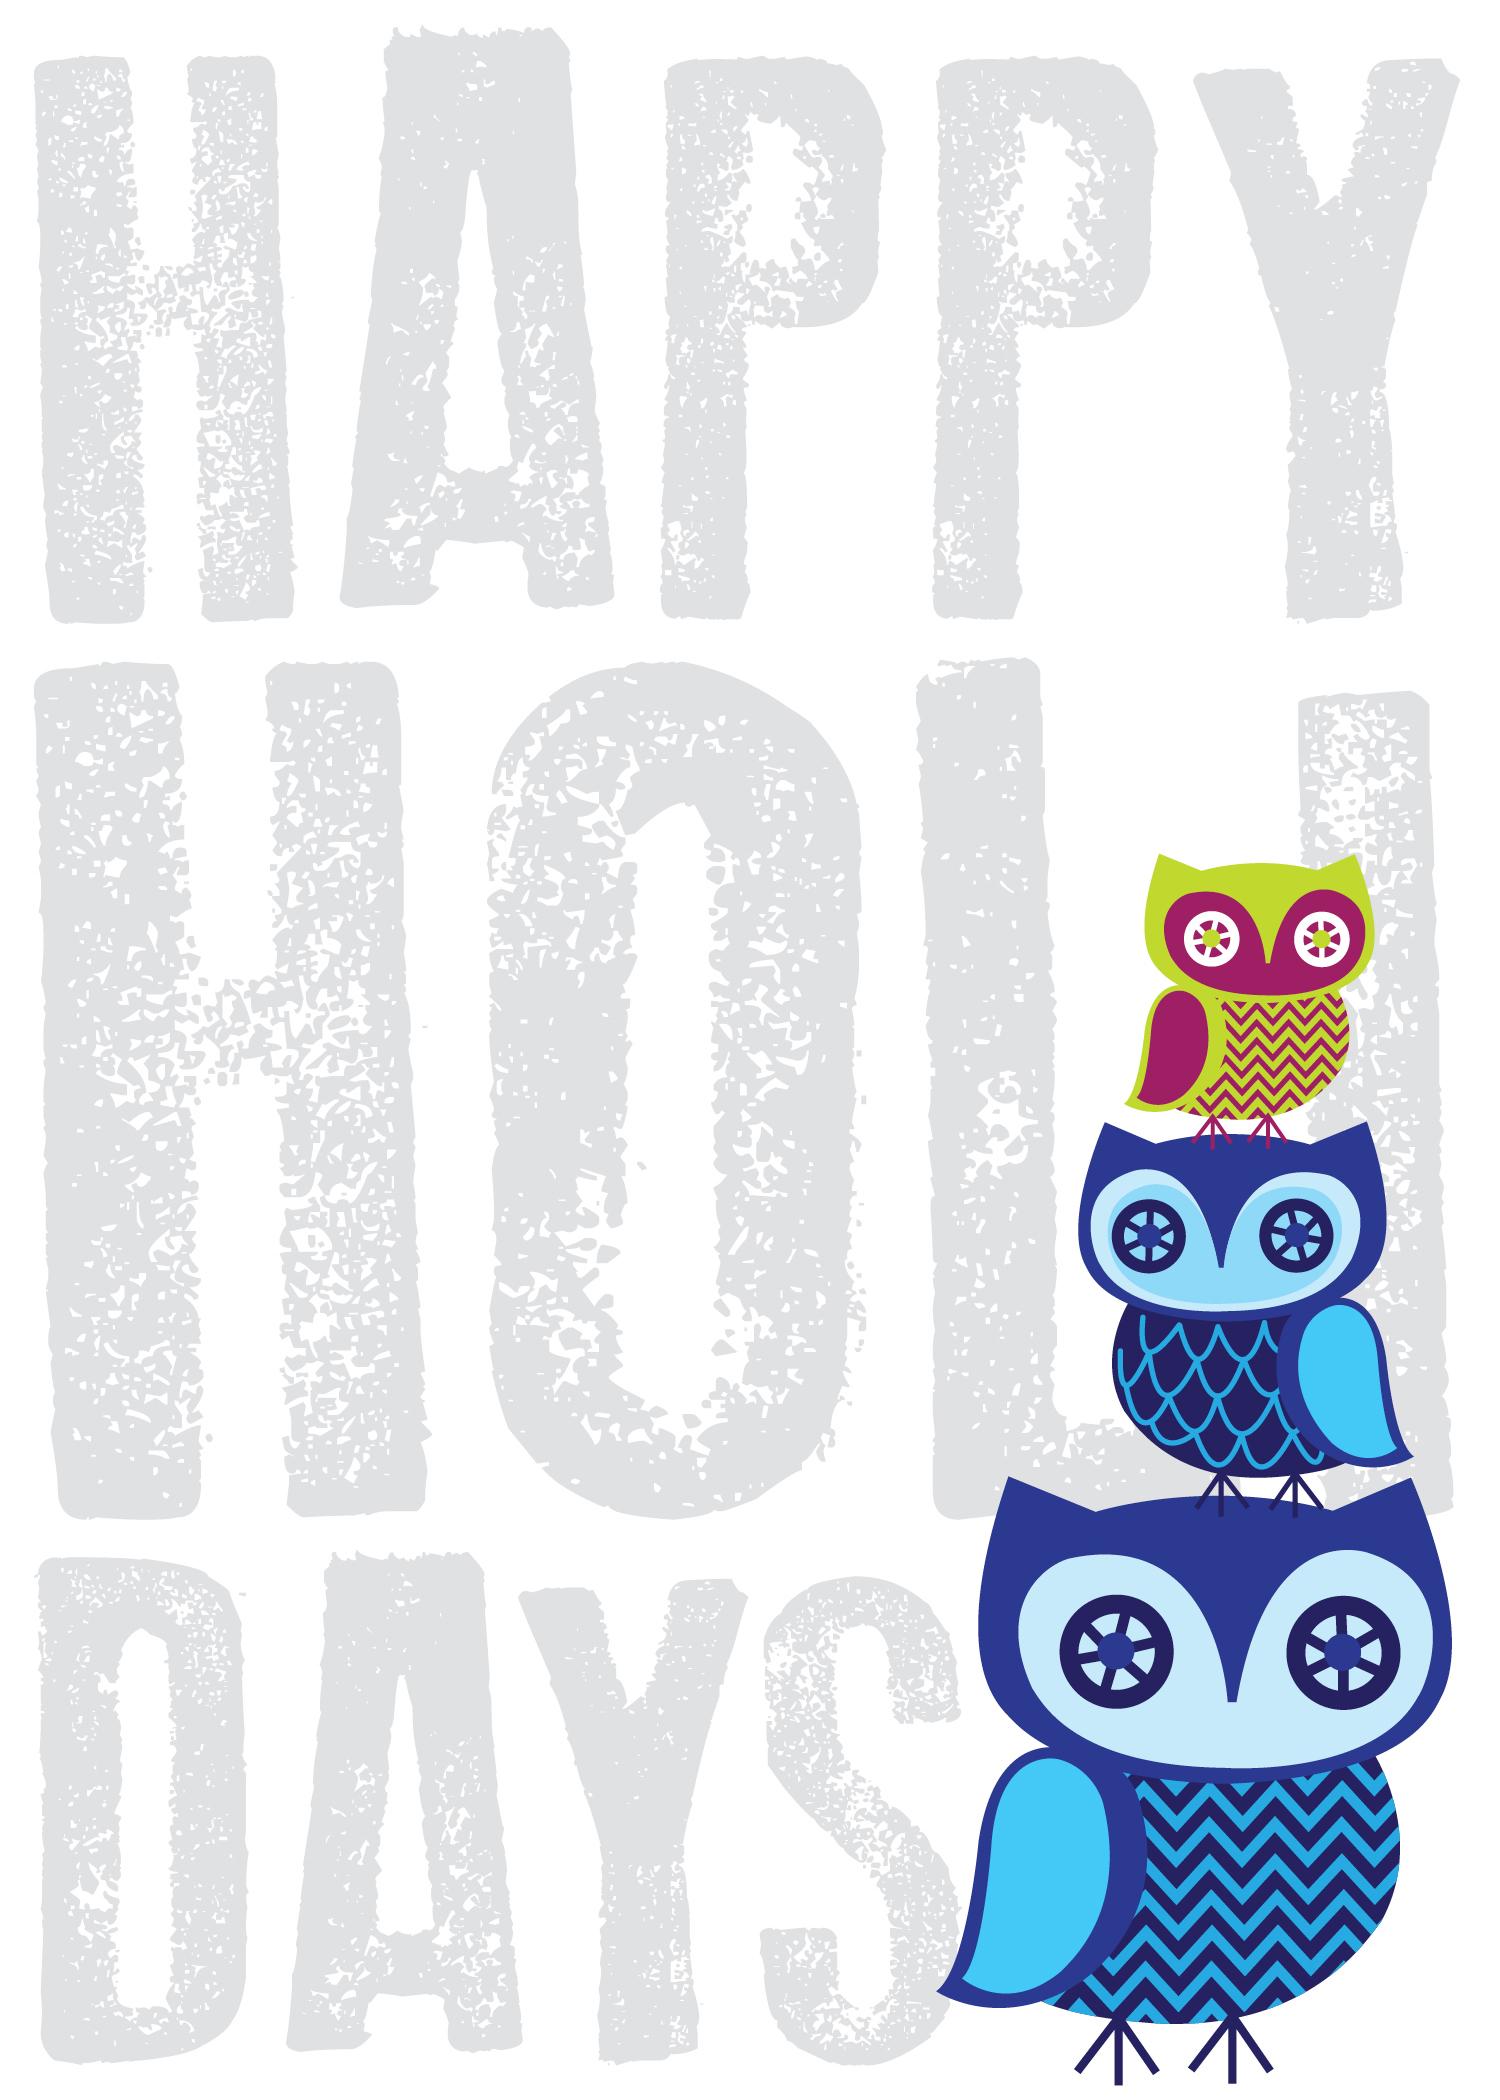 Happy HOWLidays 2